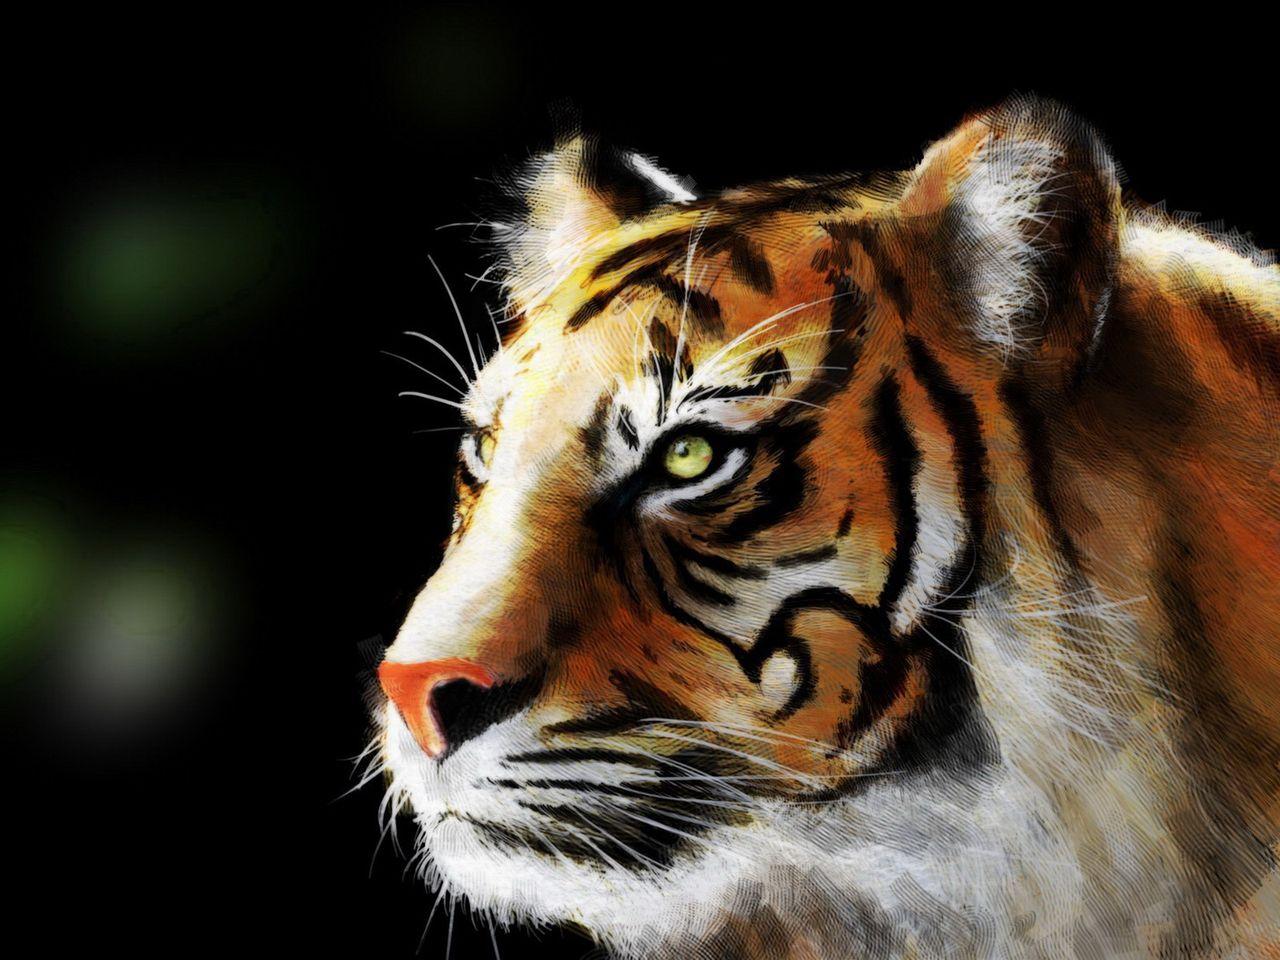 тигр, красивое фото, обои для рабочего стола, скачать